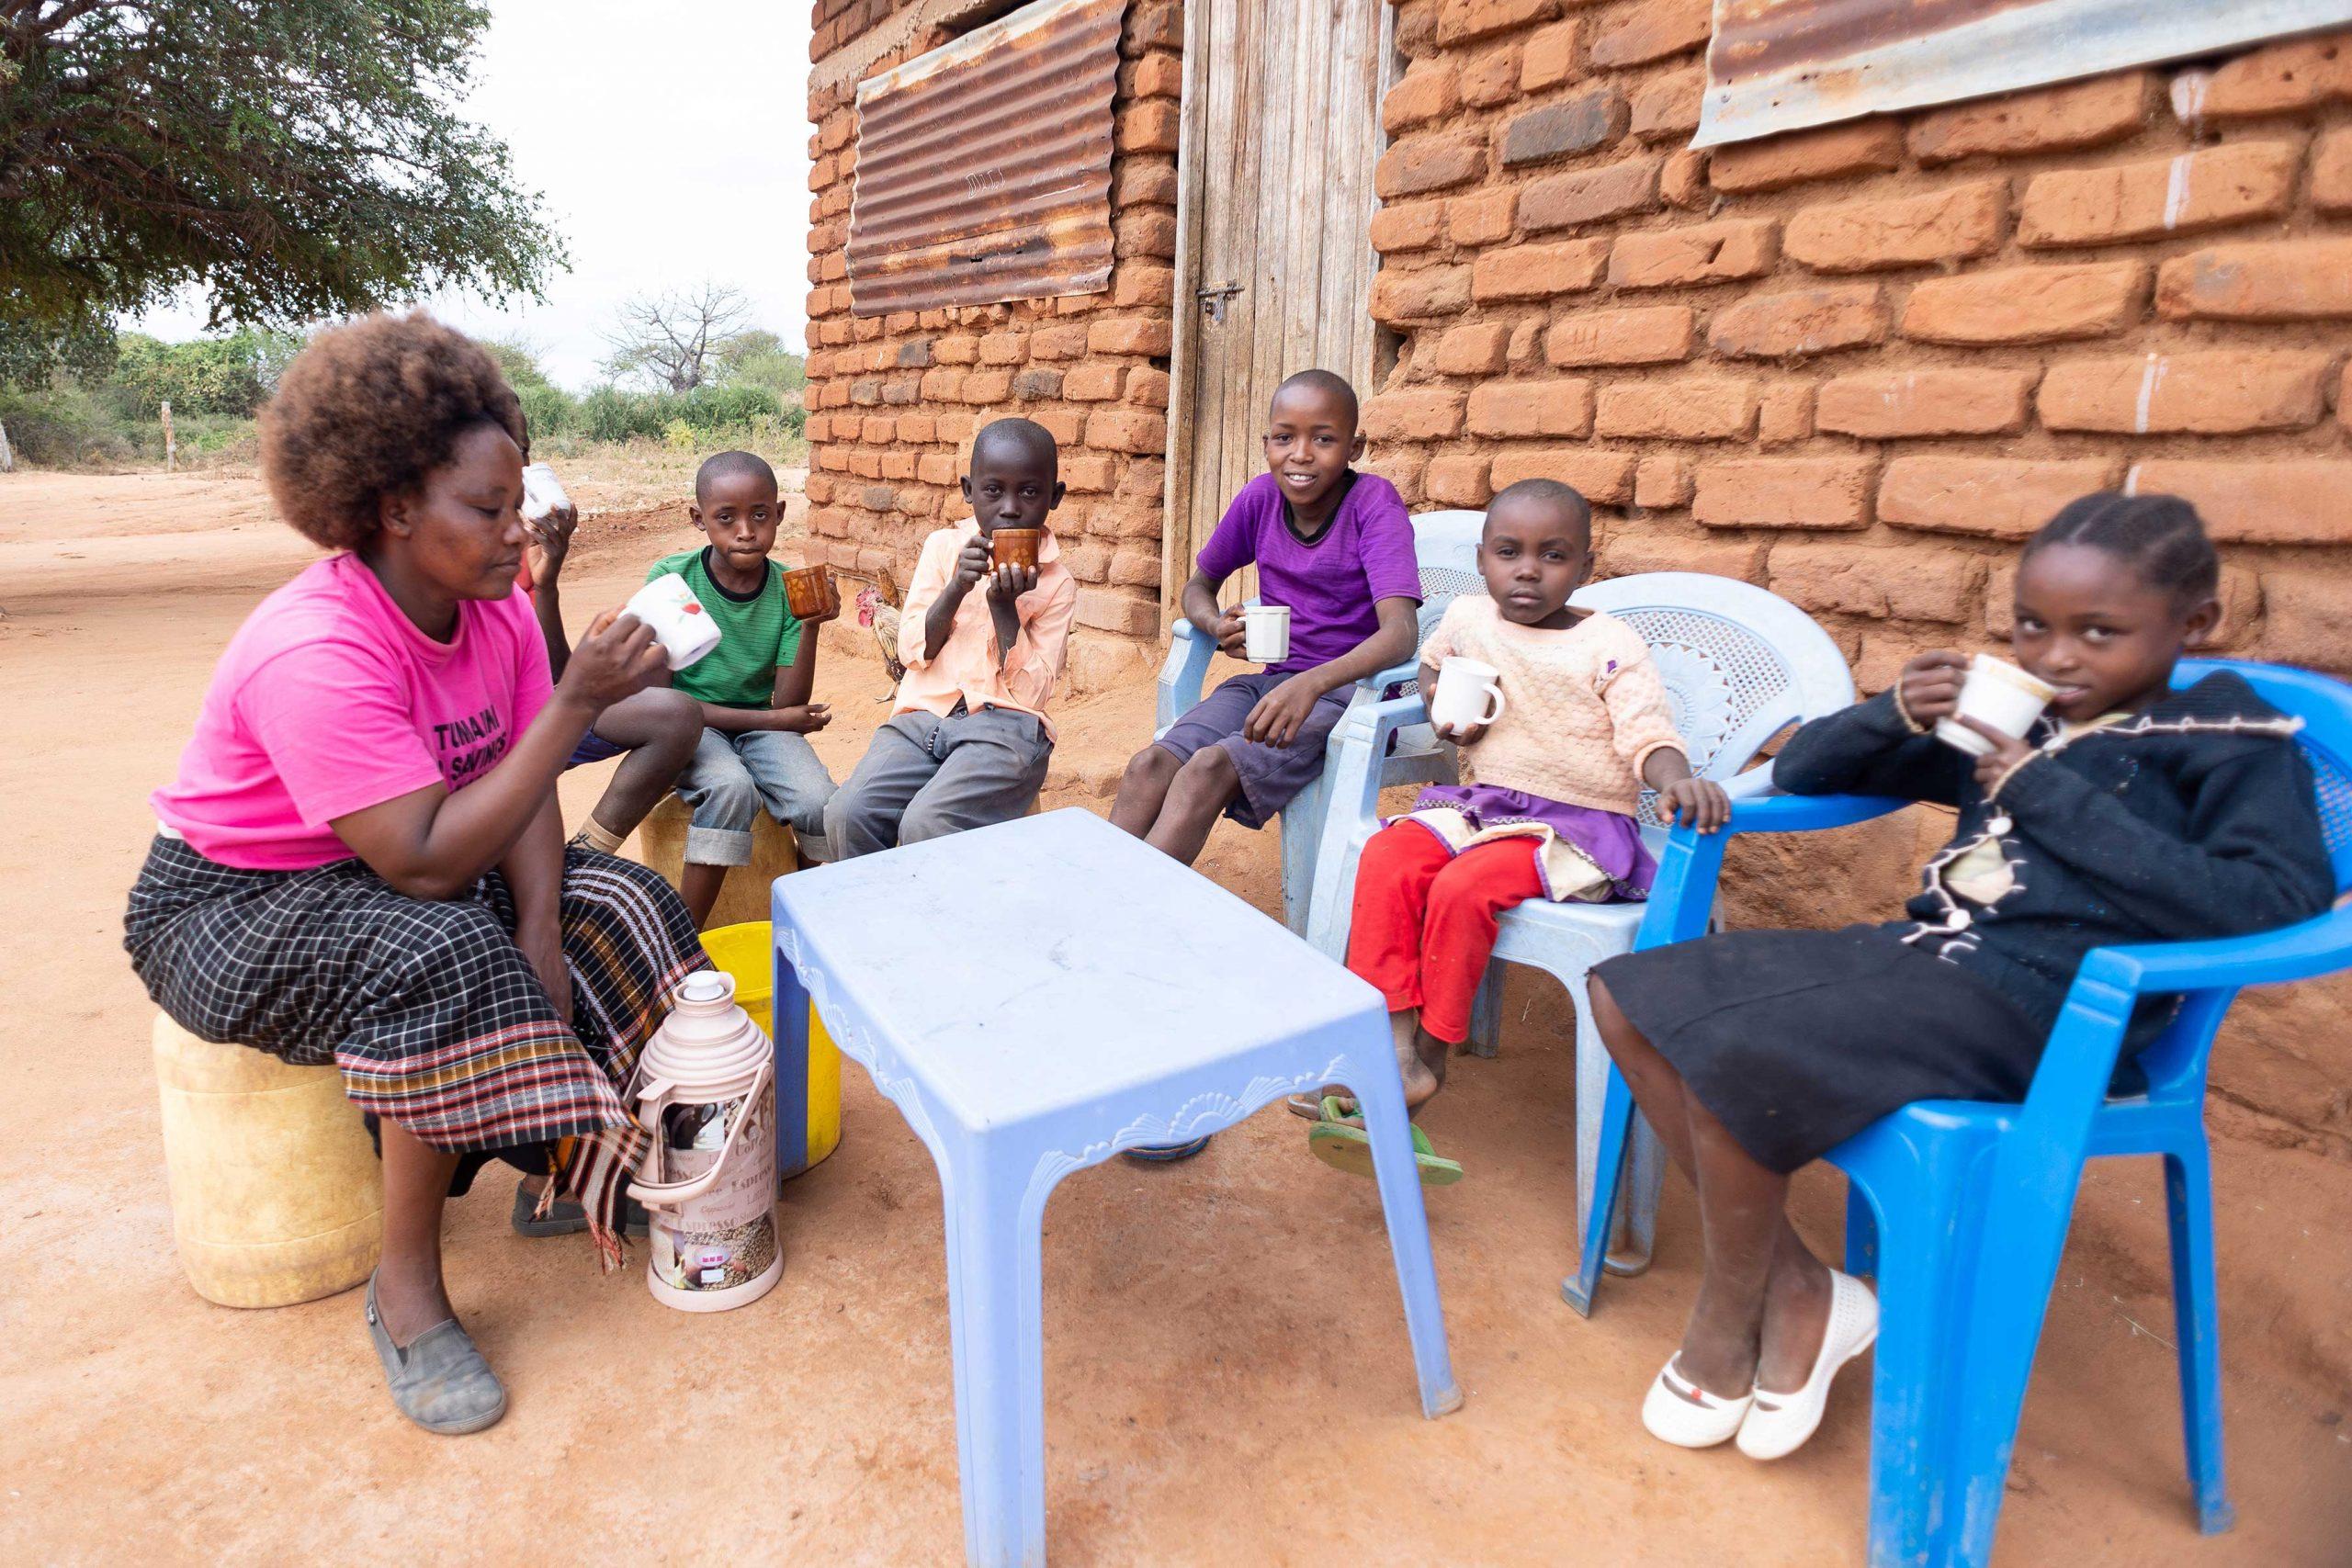 Scholastica eats with her children